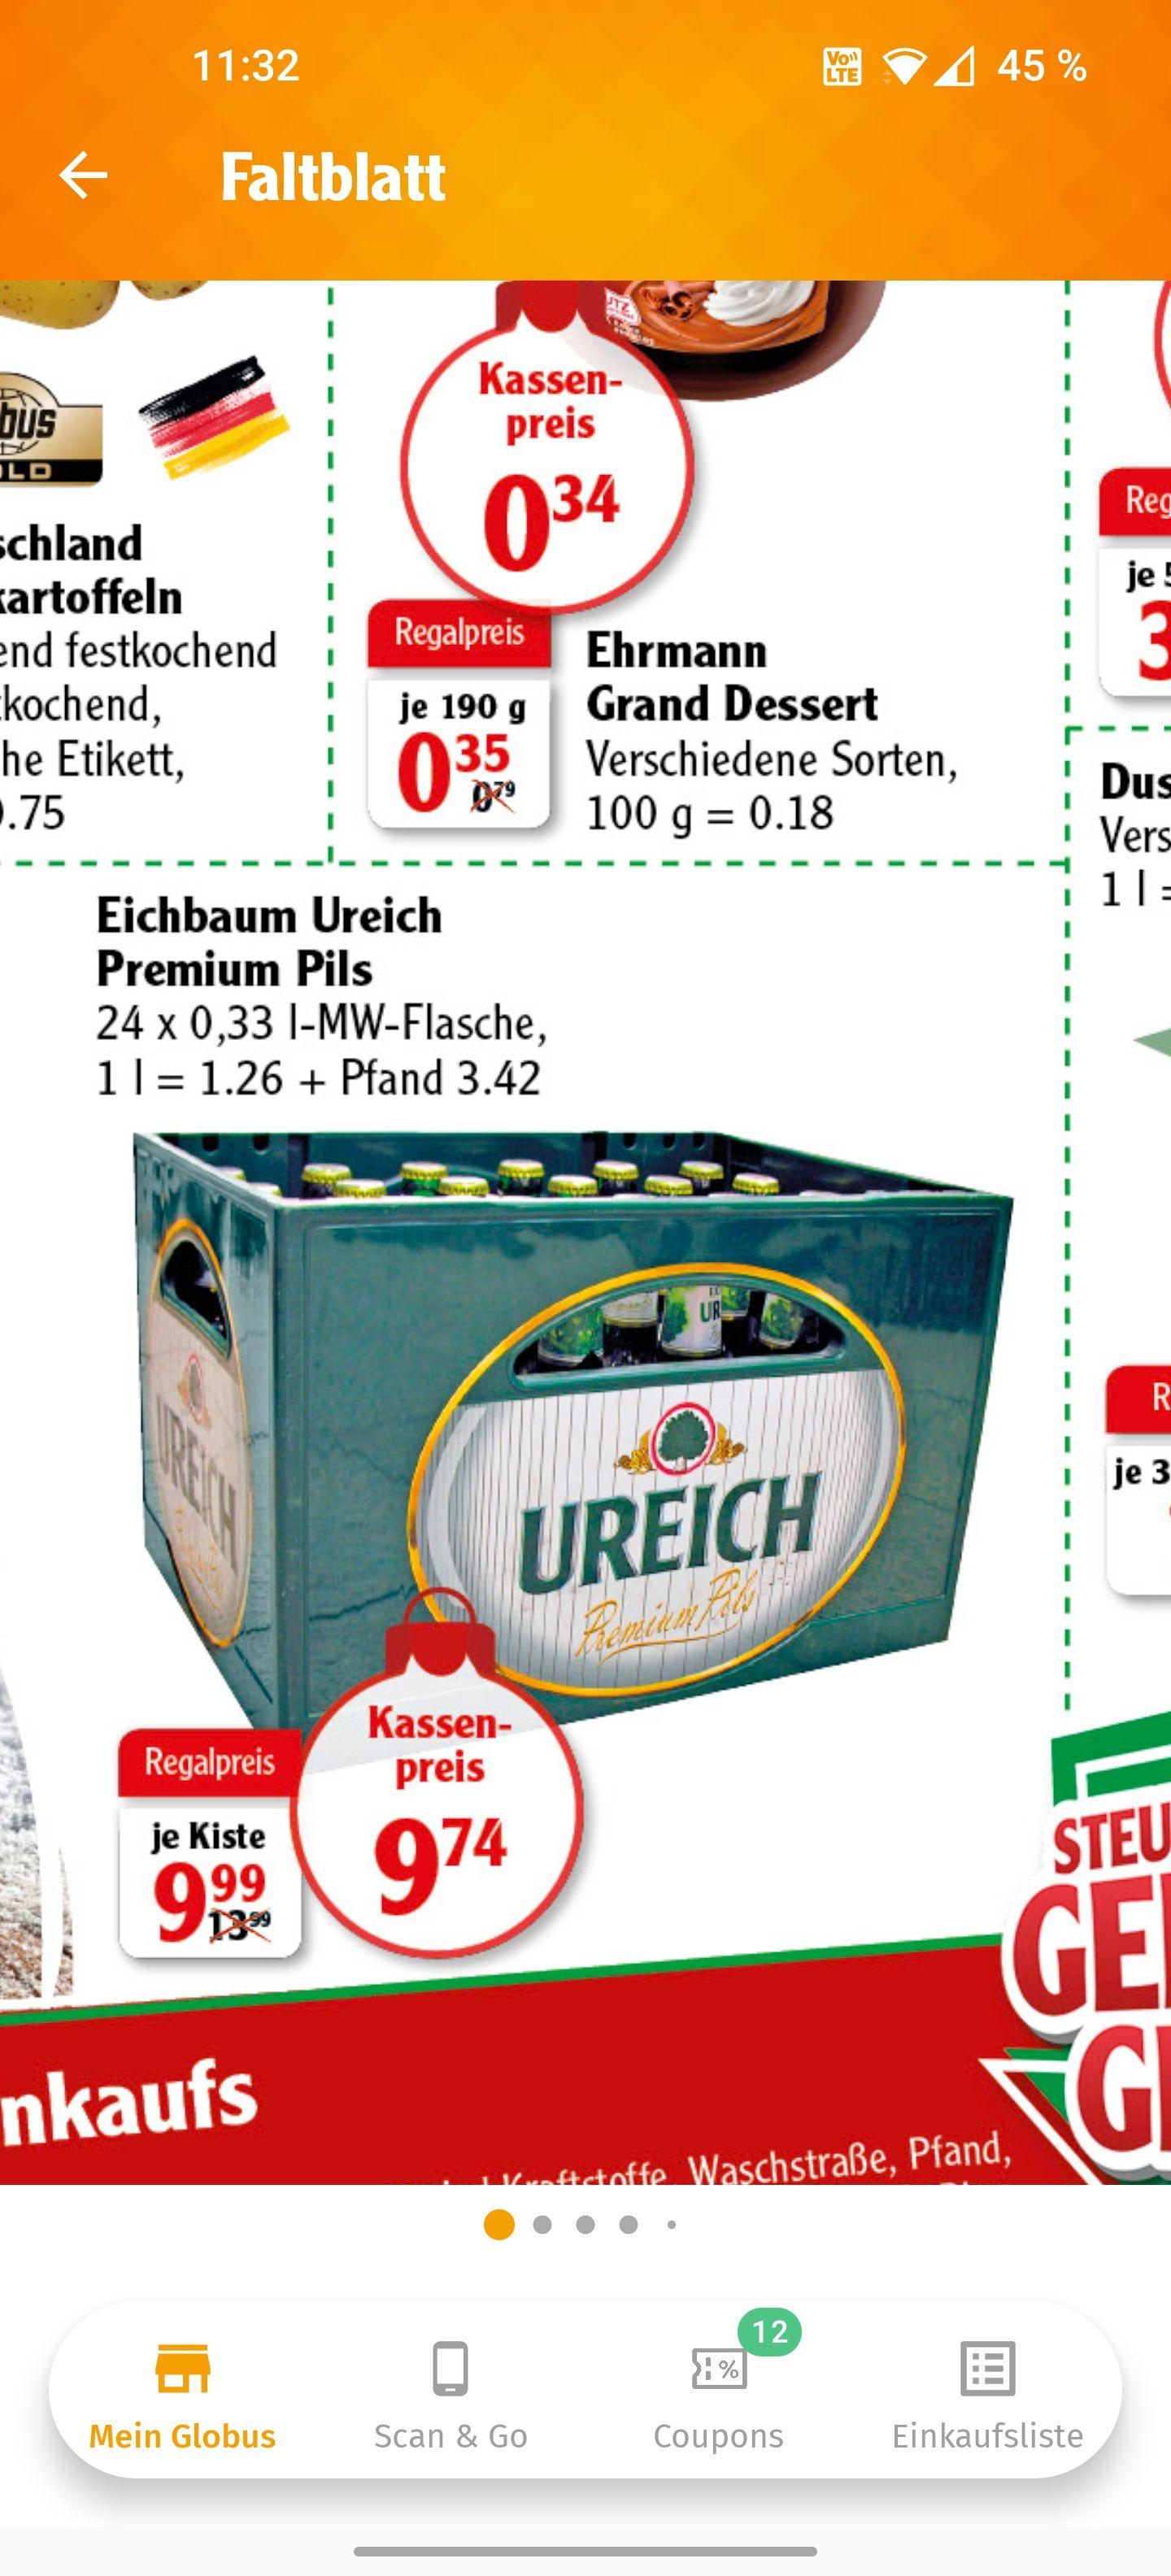 Eichbaum Ureich 24 x 0,33 Globus Ludwigshafen